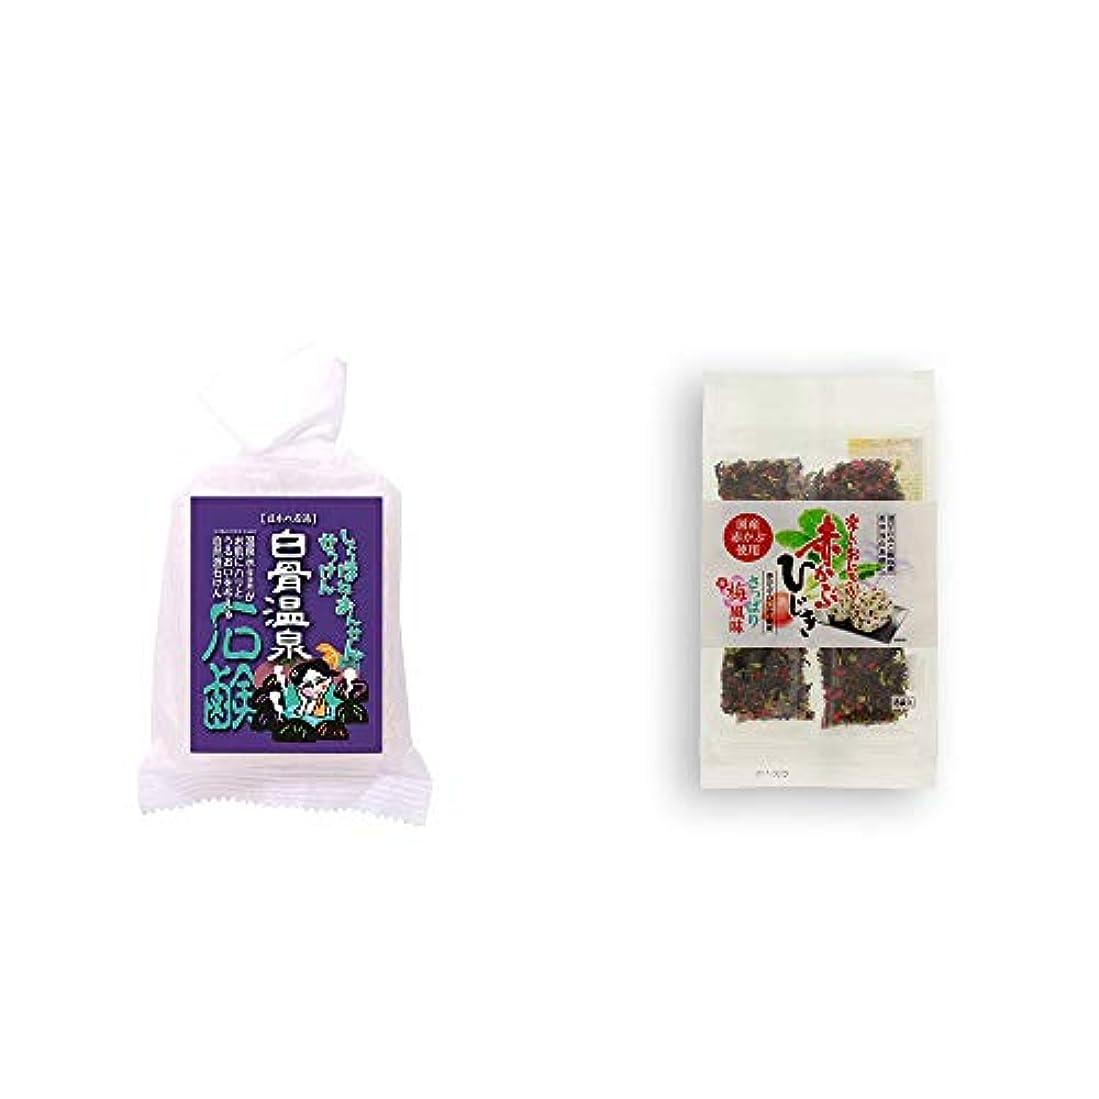 親密な彫刻ロッド[2点セット] 信州 白骨温泉石鹸(80g)?楽しいおにぎり 赤かぶひじき(8g×8袋)